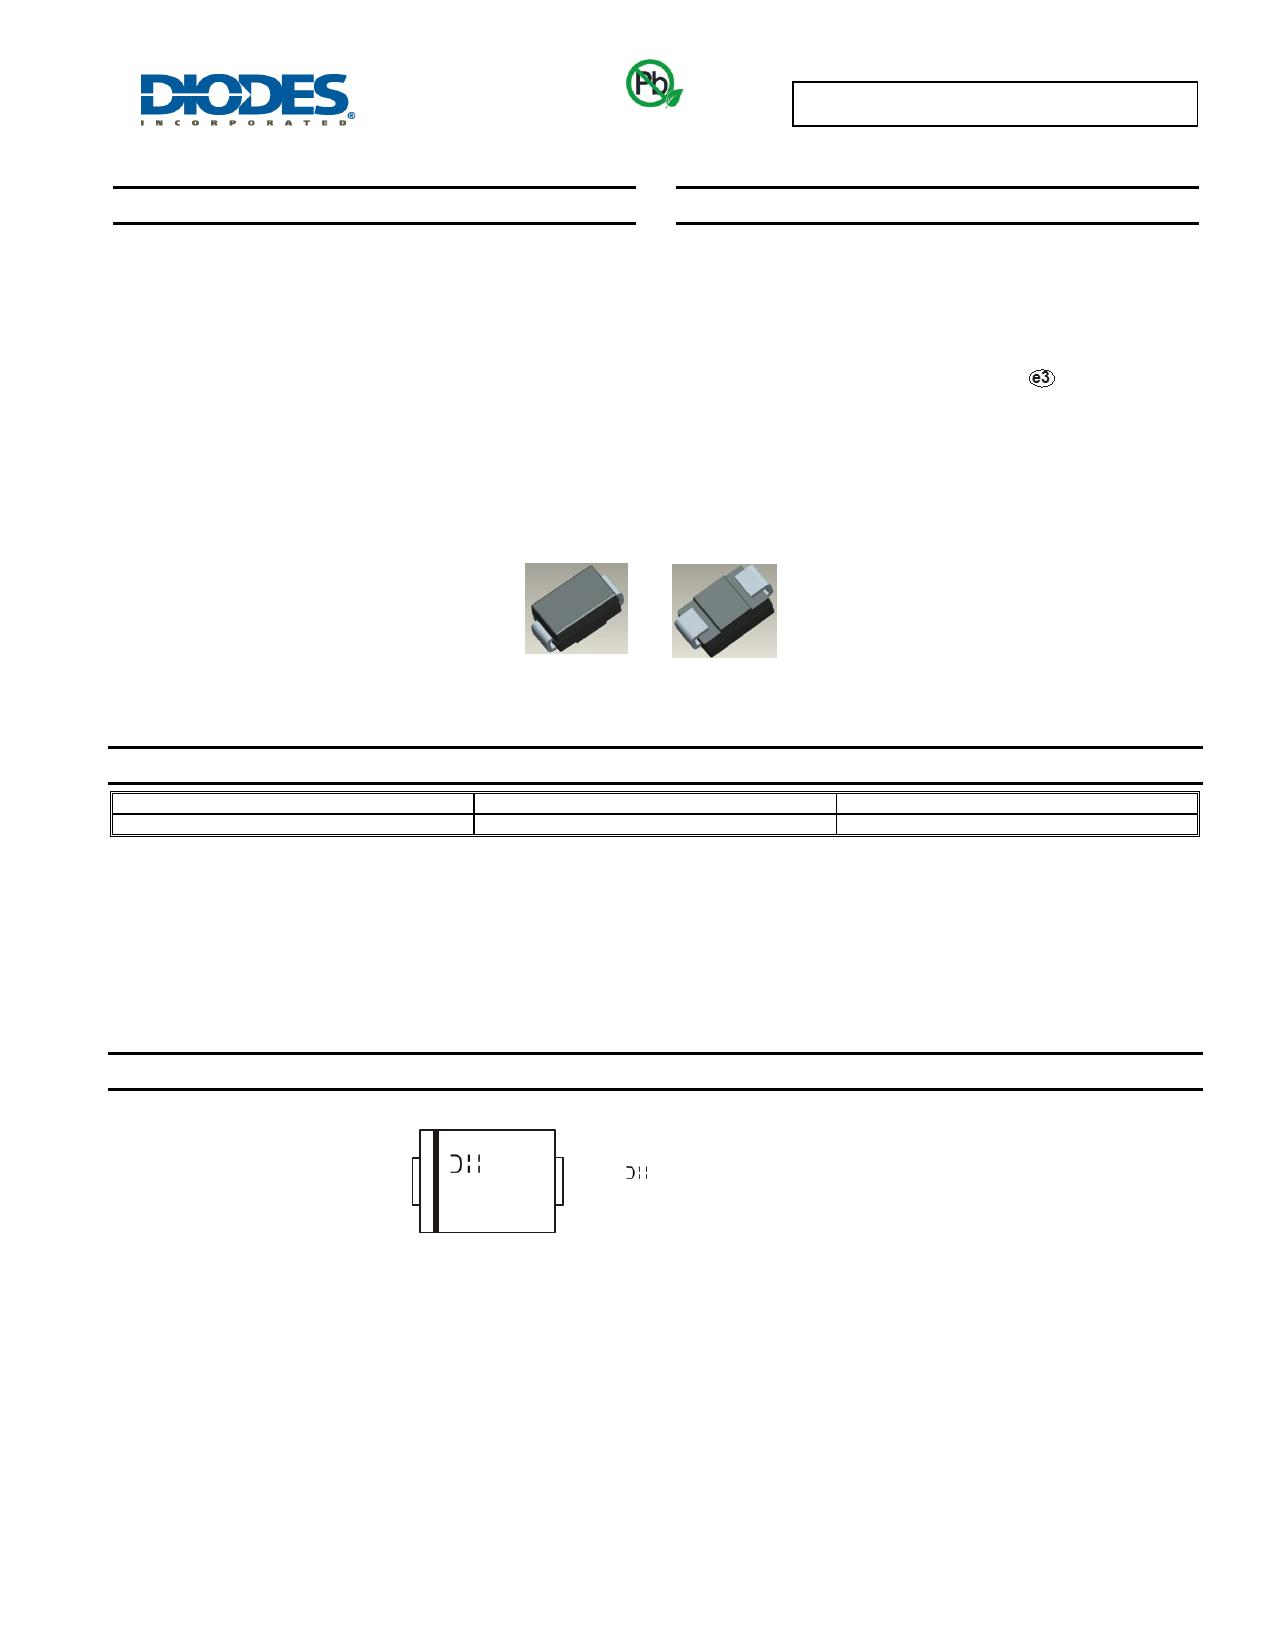 SMAJ8.0CA datasheet